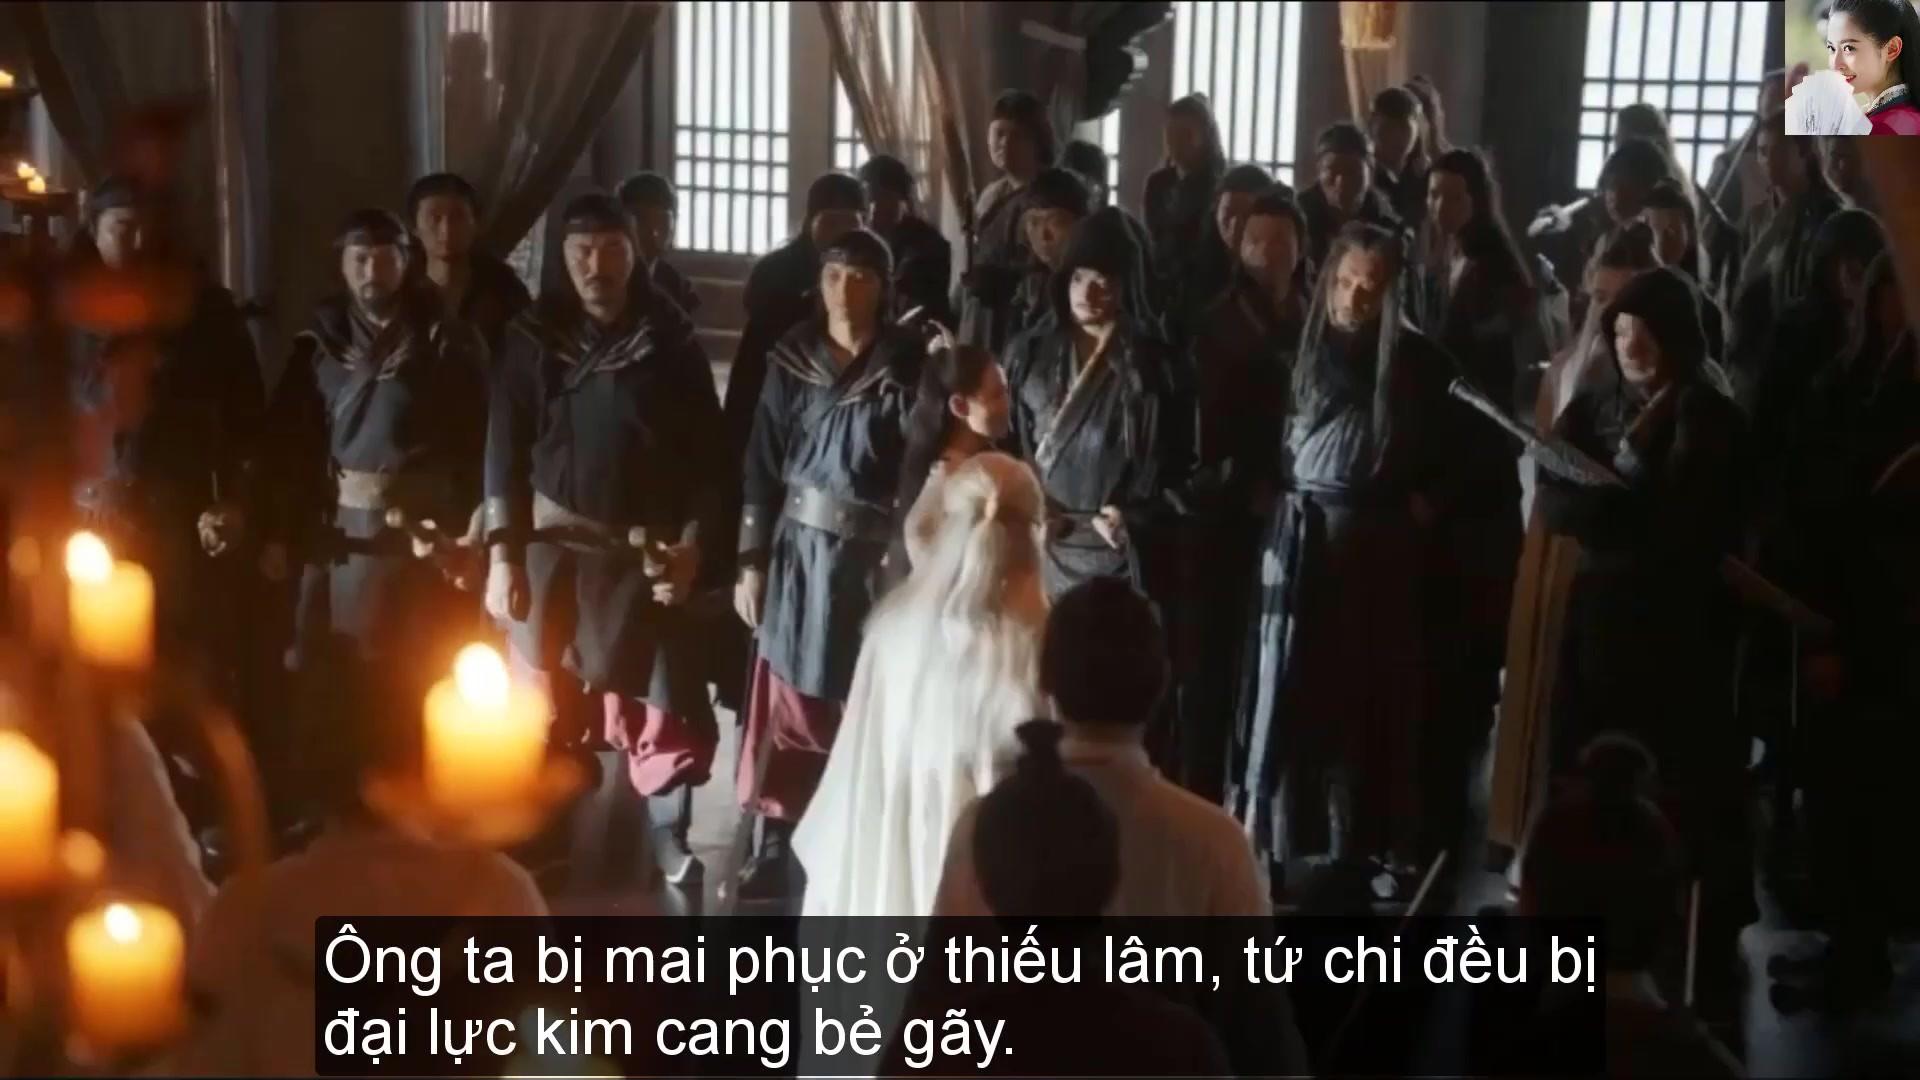 Ơn giời đoạn hay nhất Tân Ỷ Thiên Đồ Long Ký đây rồi, Trương Vô Kỵ sắp học được tuyệt đỉnh công phu phái Võ Đang, bá chủ võ lâm - Ảnh 7.